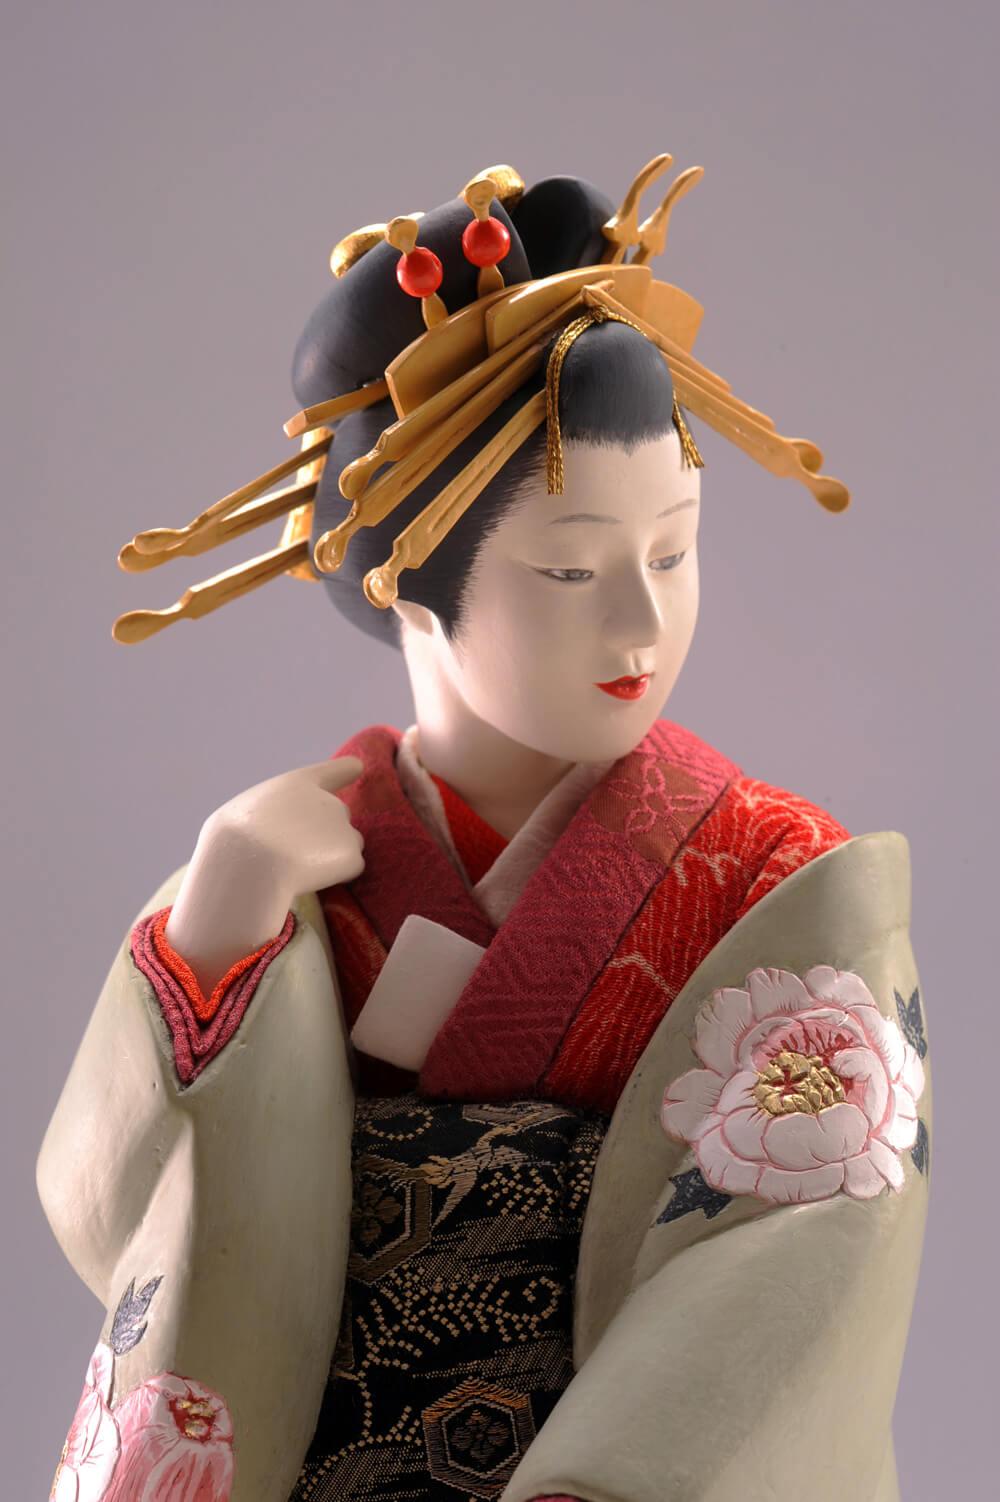 2012年11月9日から開催の「日本工芸の華 双璧 鈴木 藏・芹川 英子 展」の芹川作品6